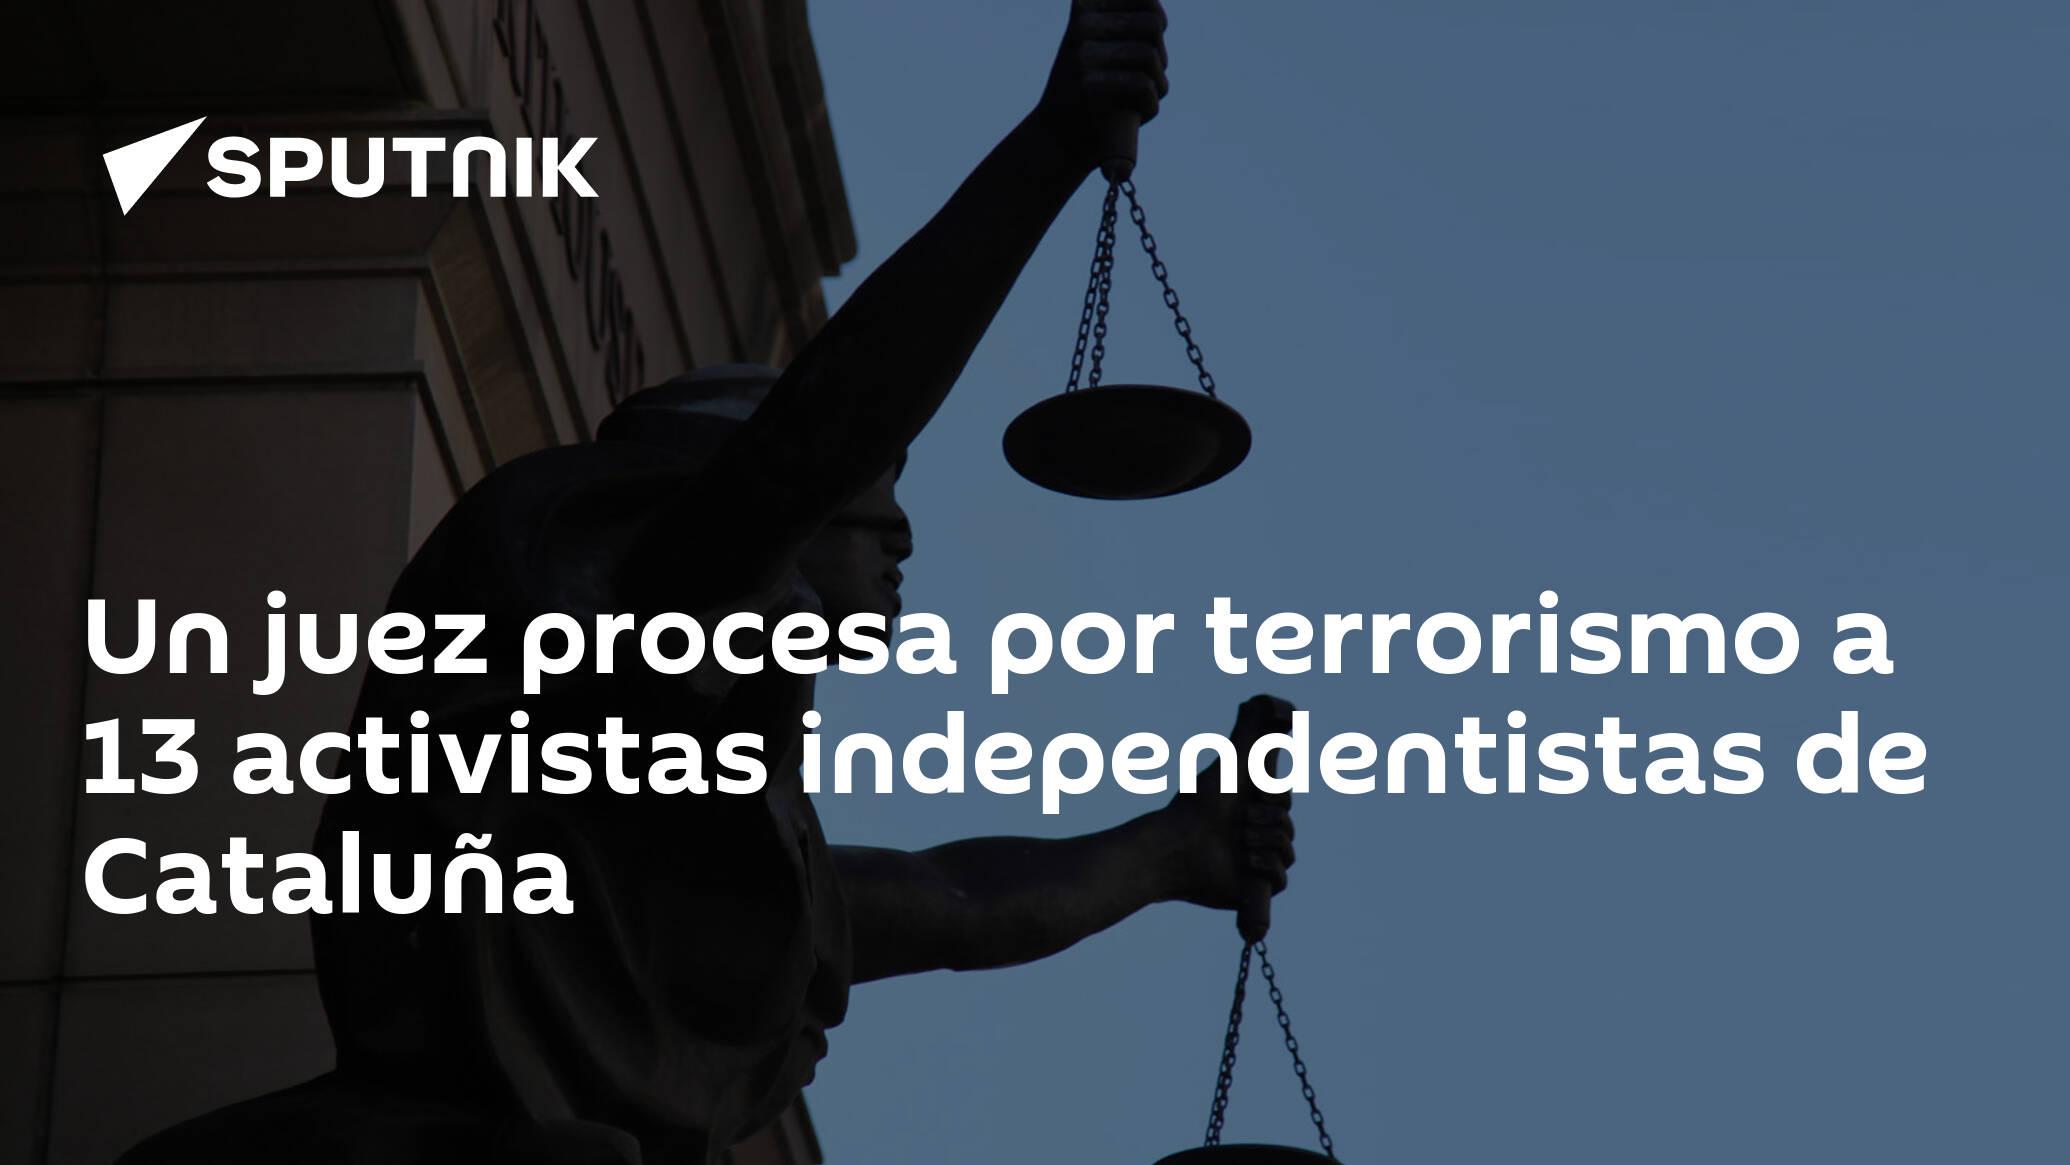 Un juez procesa por terrorismo a 13 activistas independentistas de Cataluña